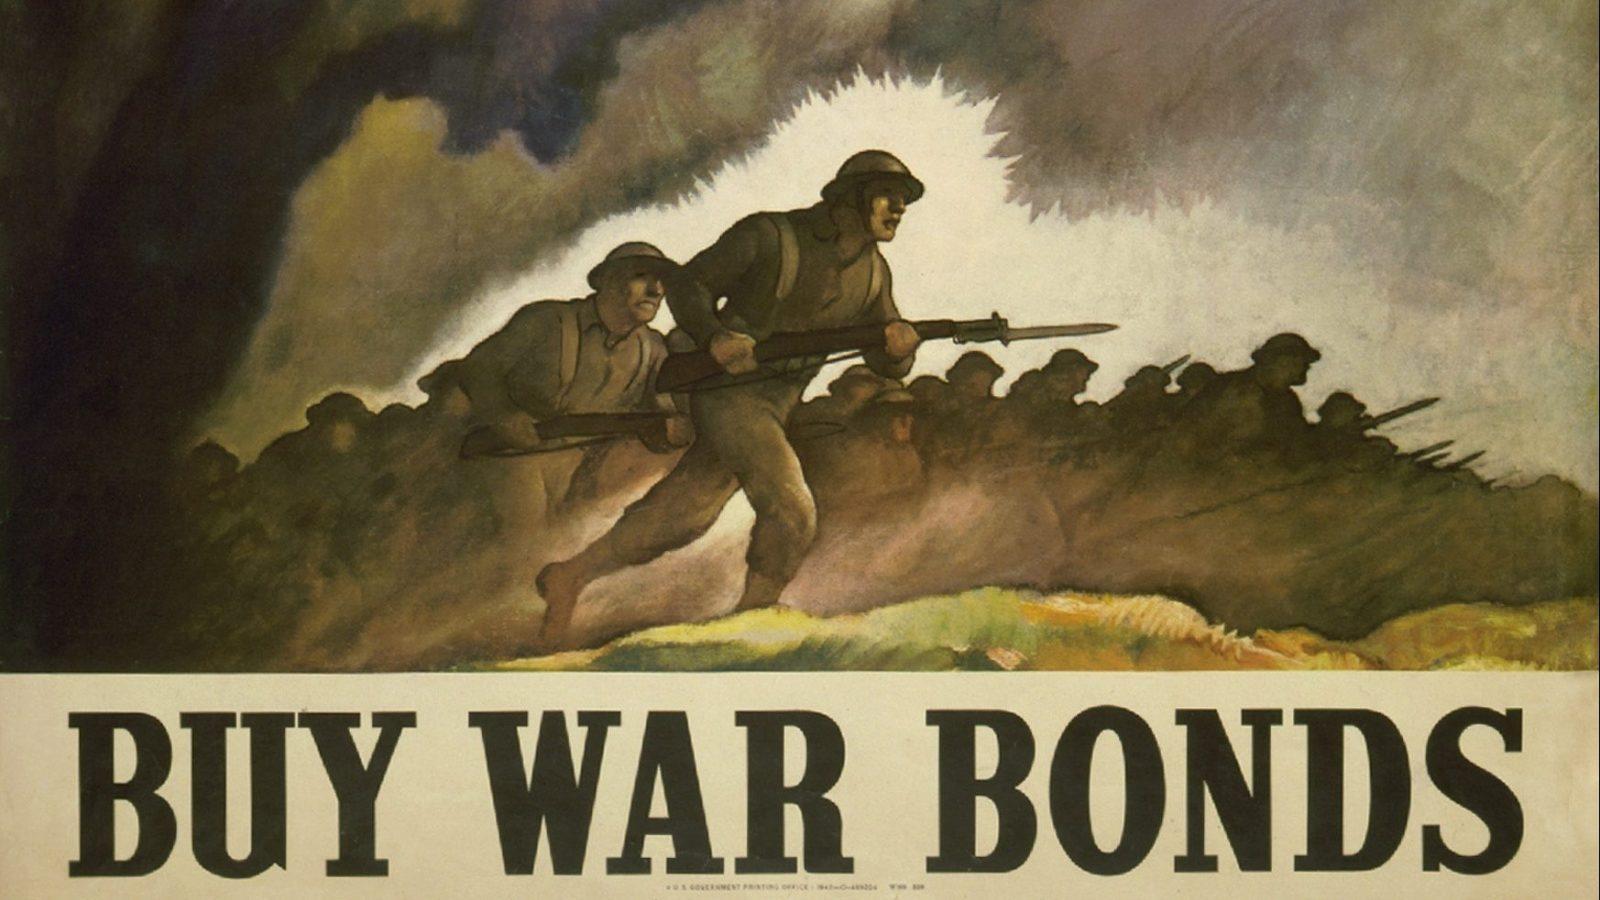 A poster advertising war bonds.